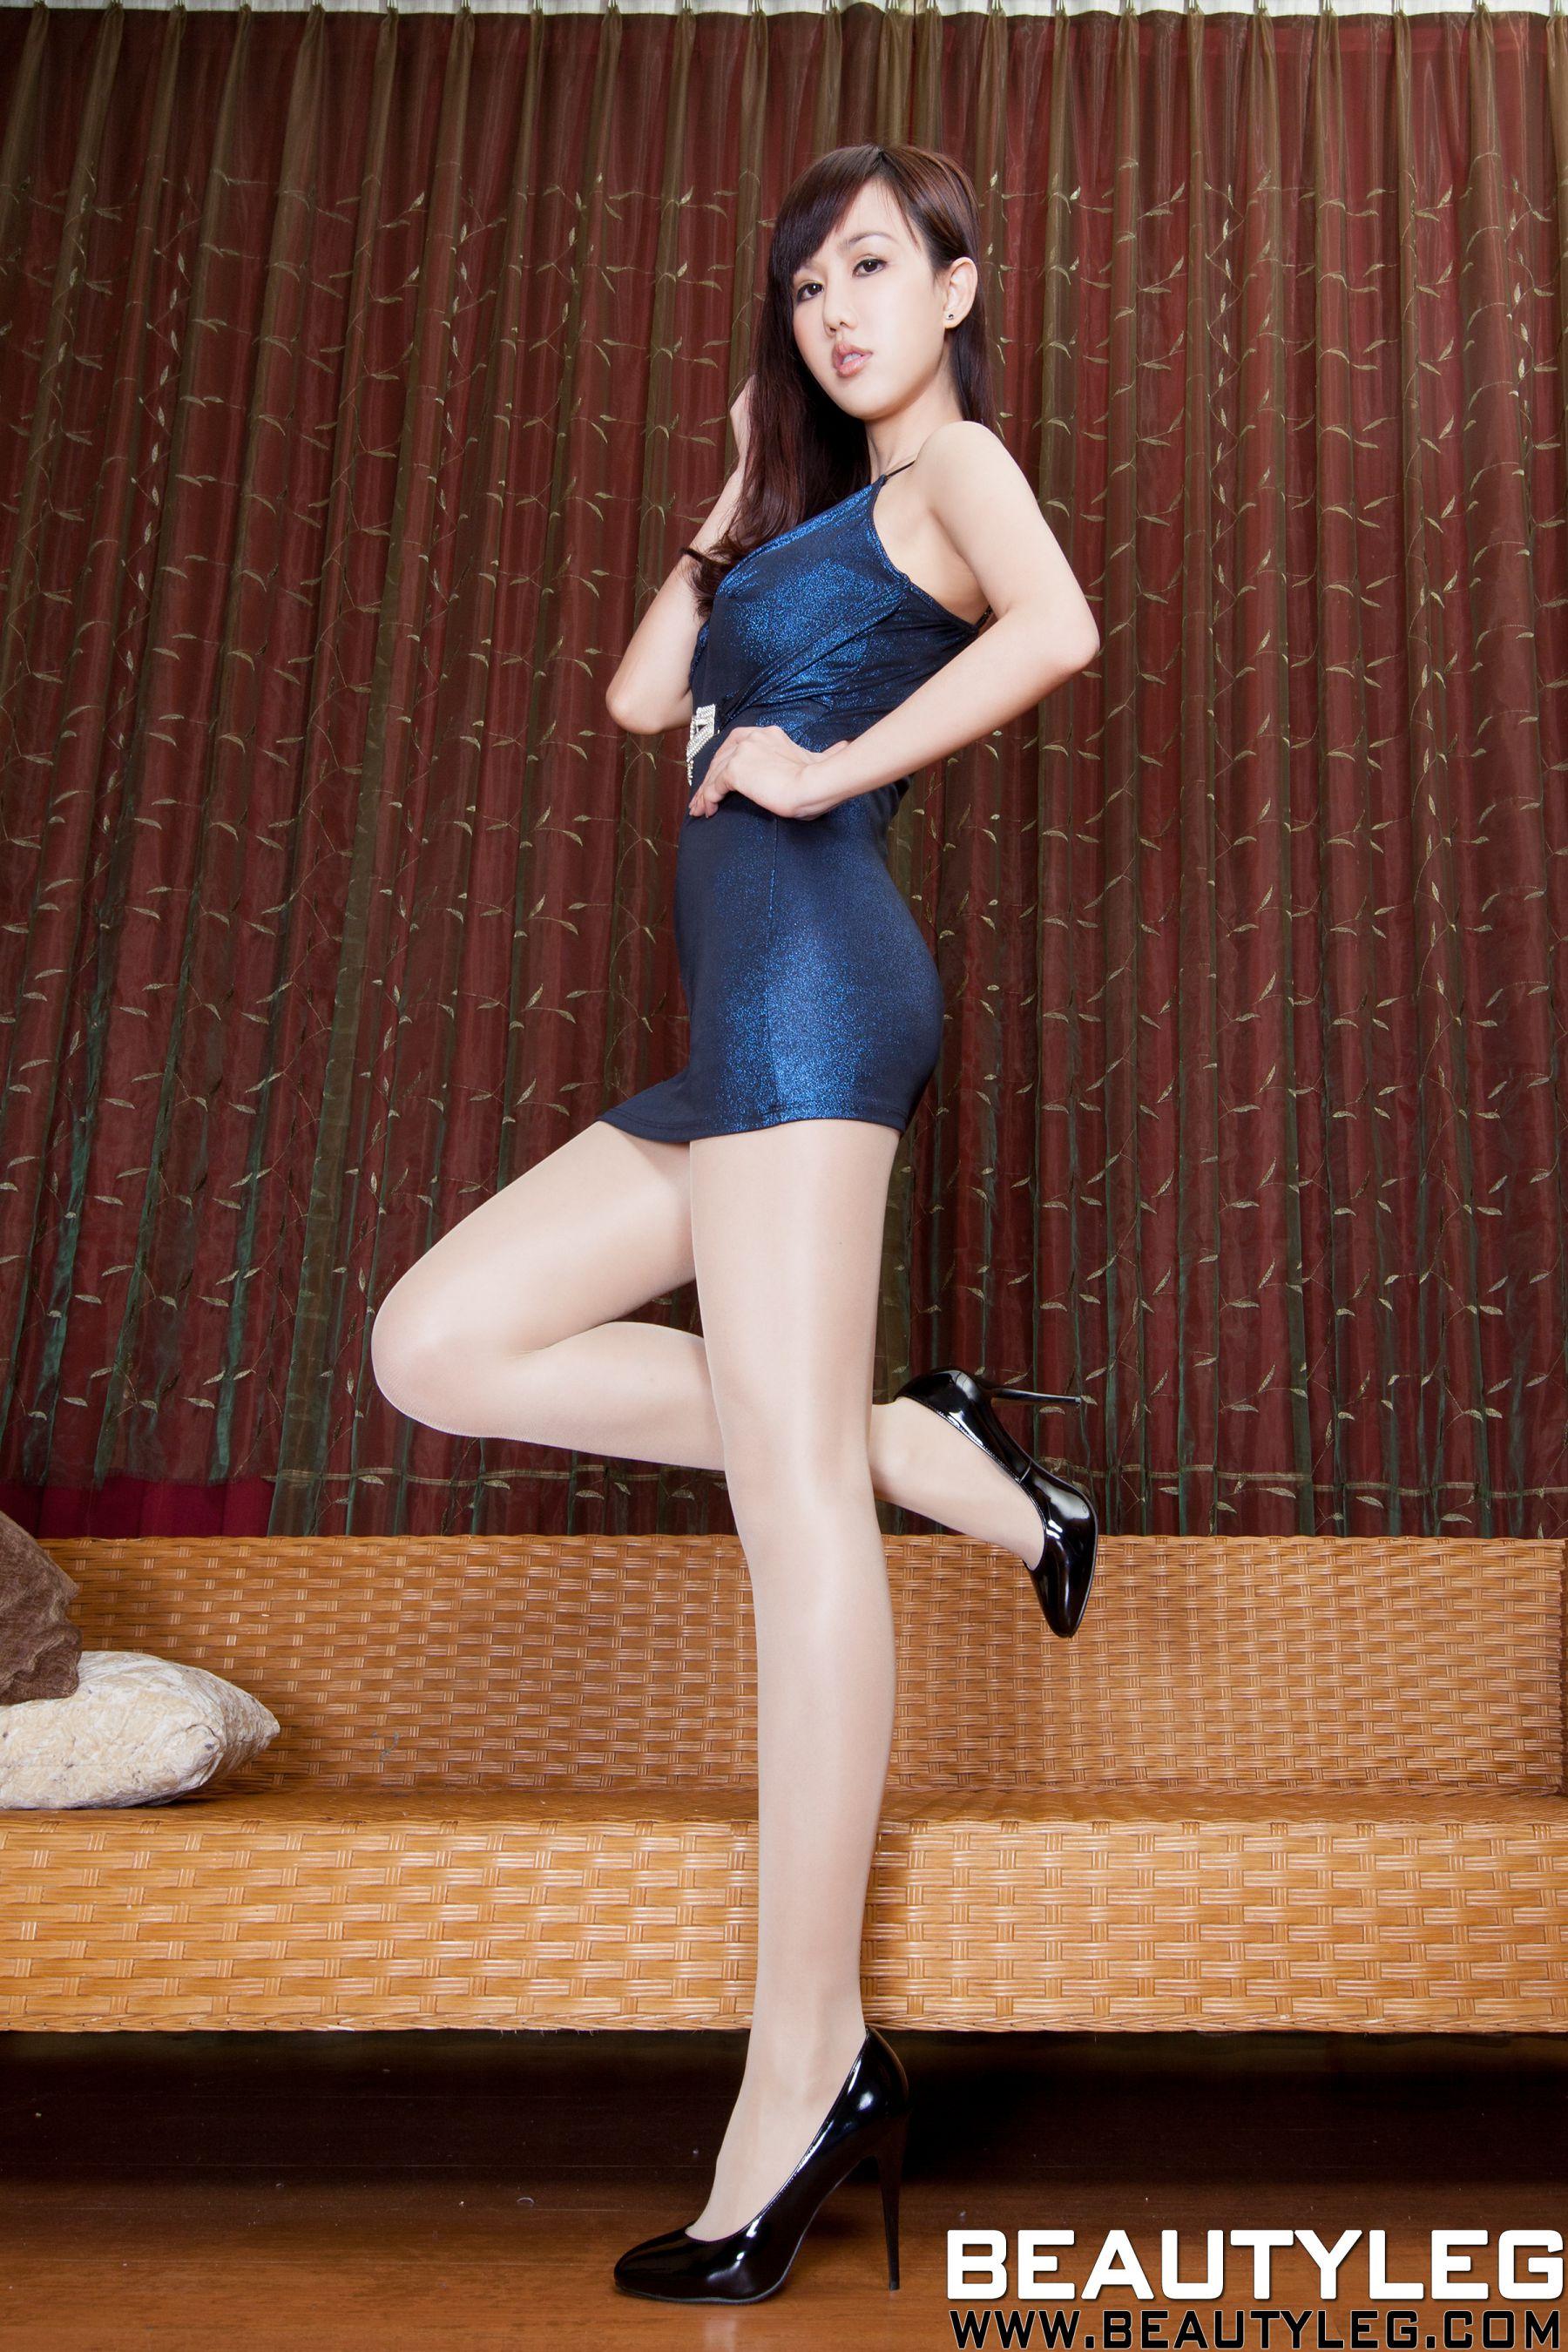 VOL.1490 [Beautyleg]长腿美女:林瑞瑜(Beautyleg Sara,腿模Sara)高品质写真套图(63P)